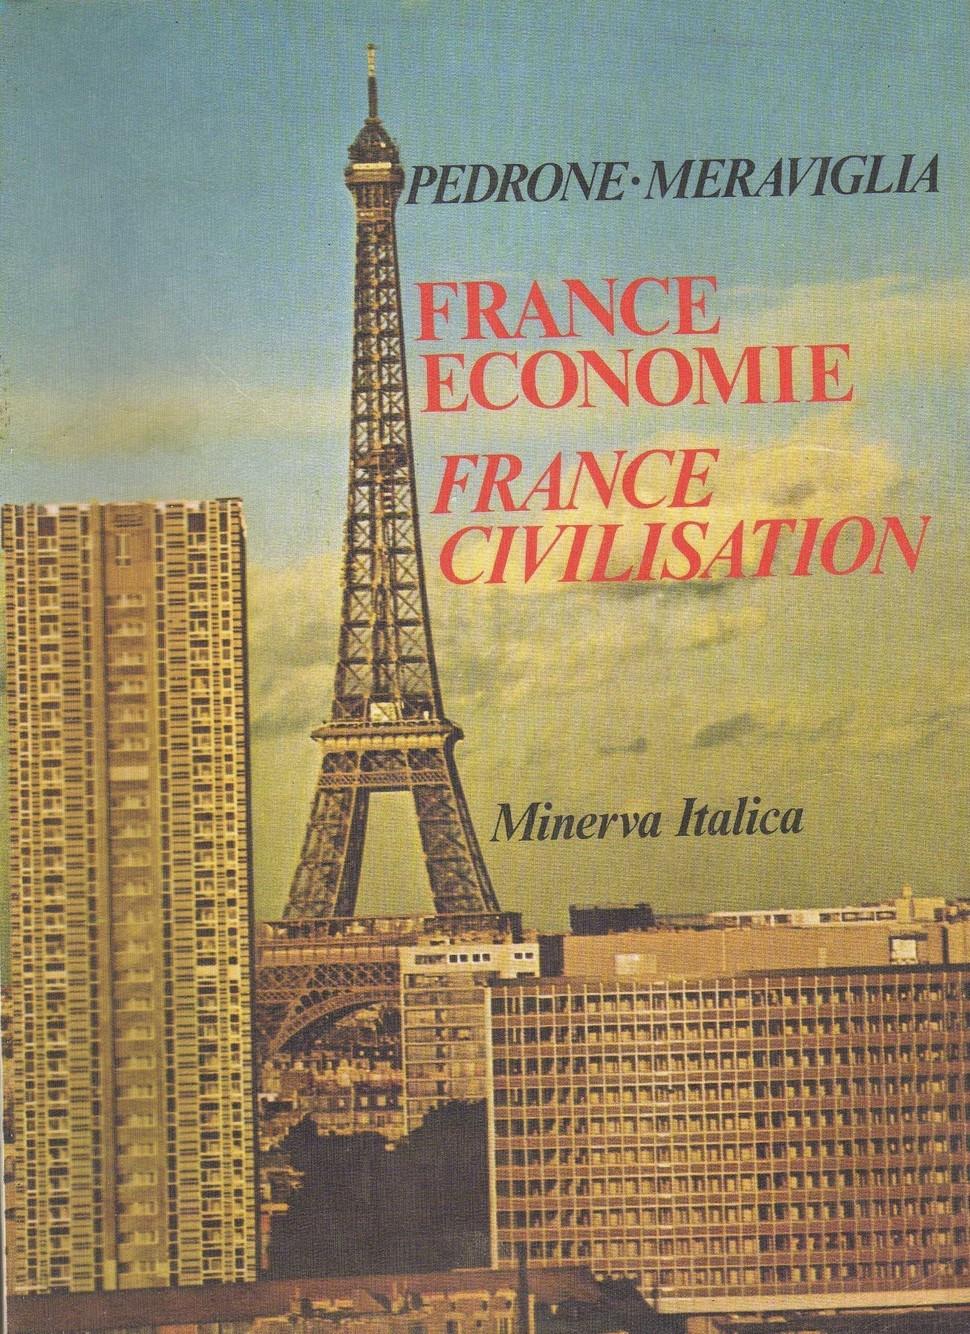 France économie, France civilisation